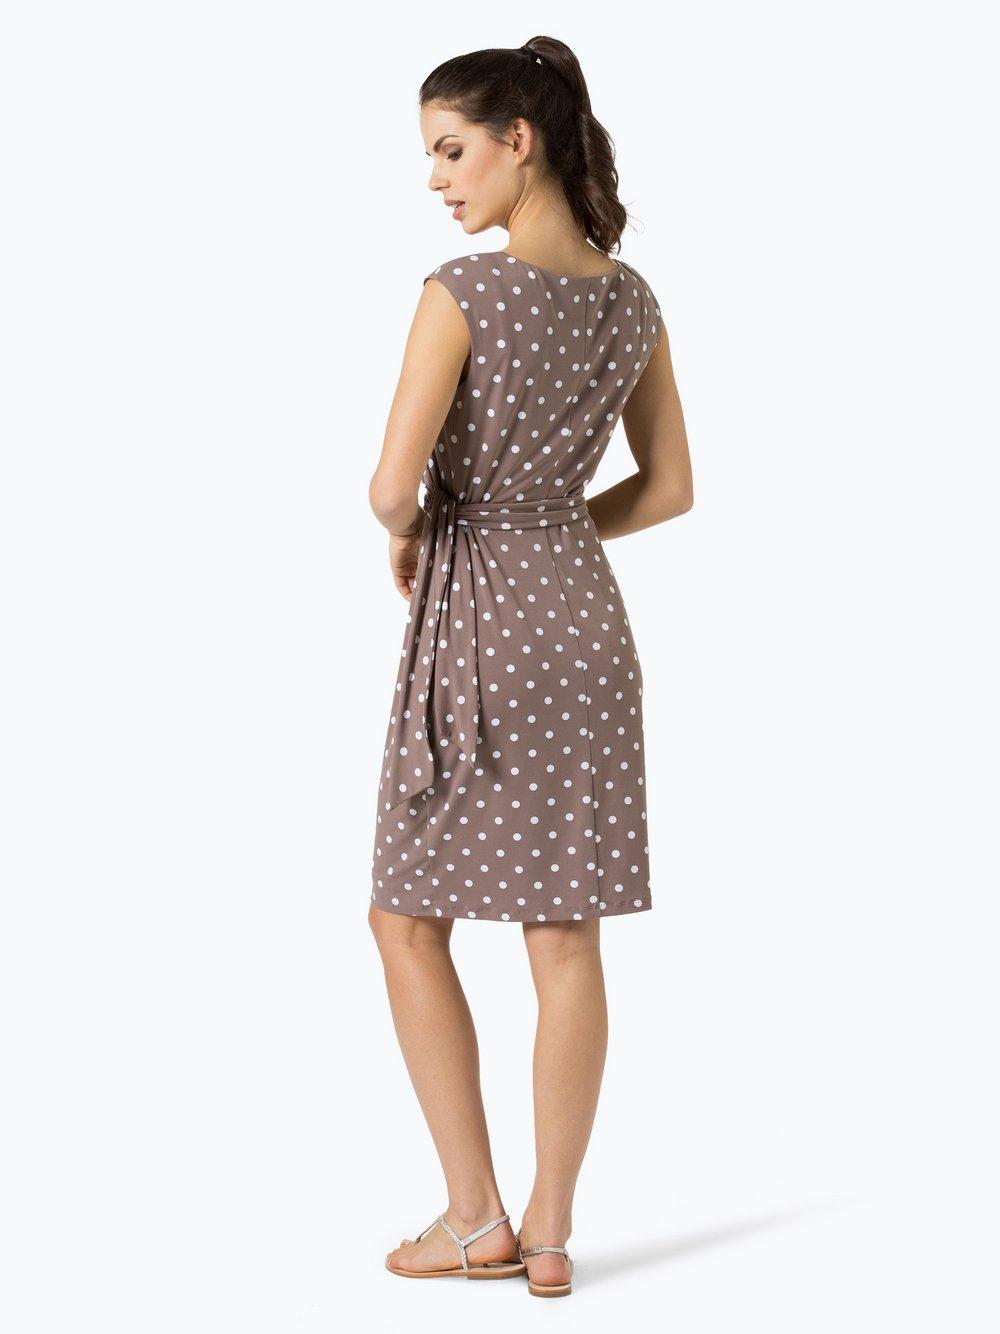 Damen Kleid beige Ambiance FBN2RYbgj1 - familienstellen-schuetz.de